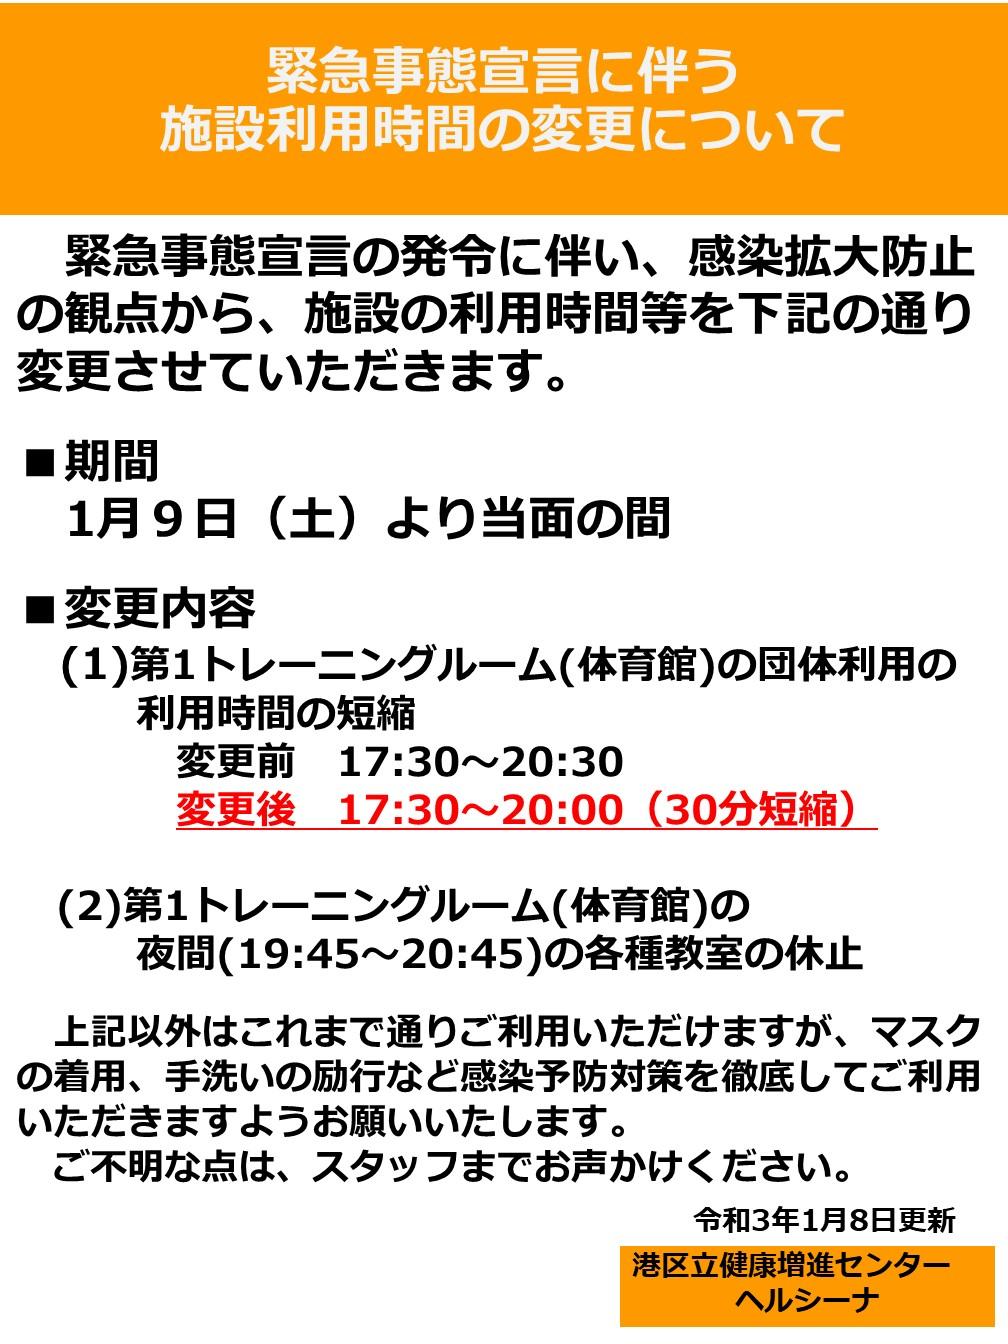 (掲示)(施設)施設利用時間の変更について(HP).jpg